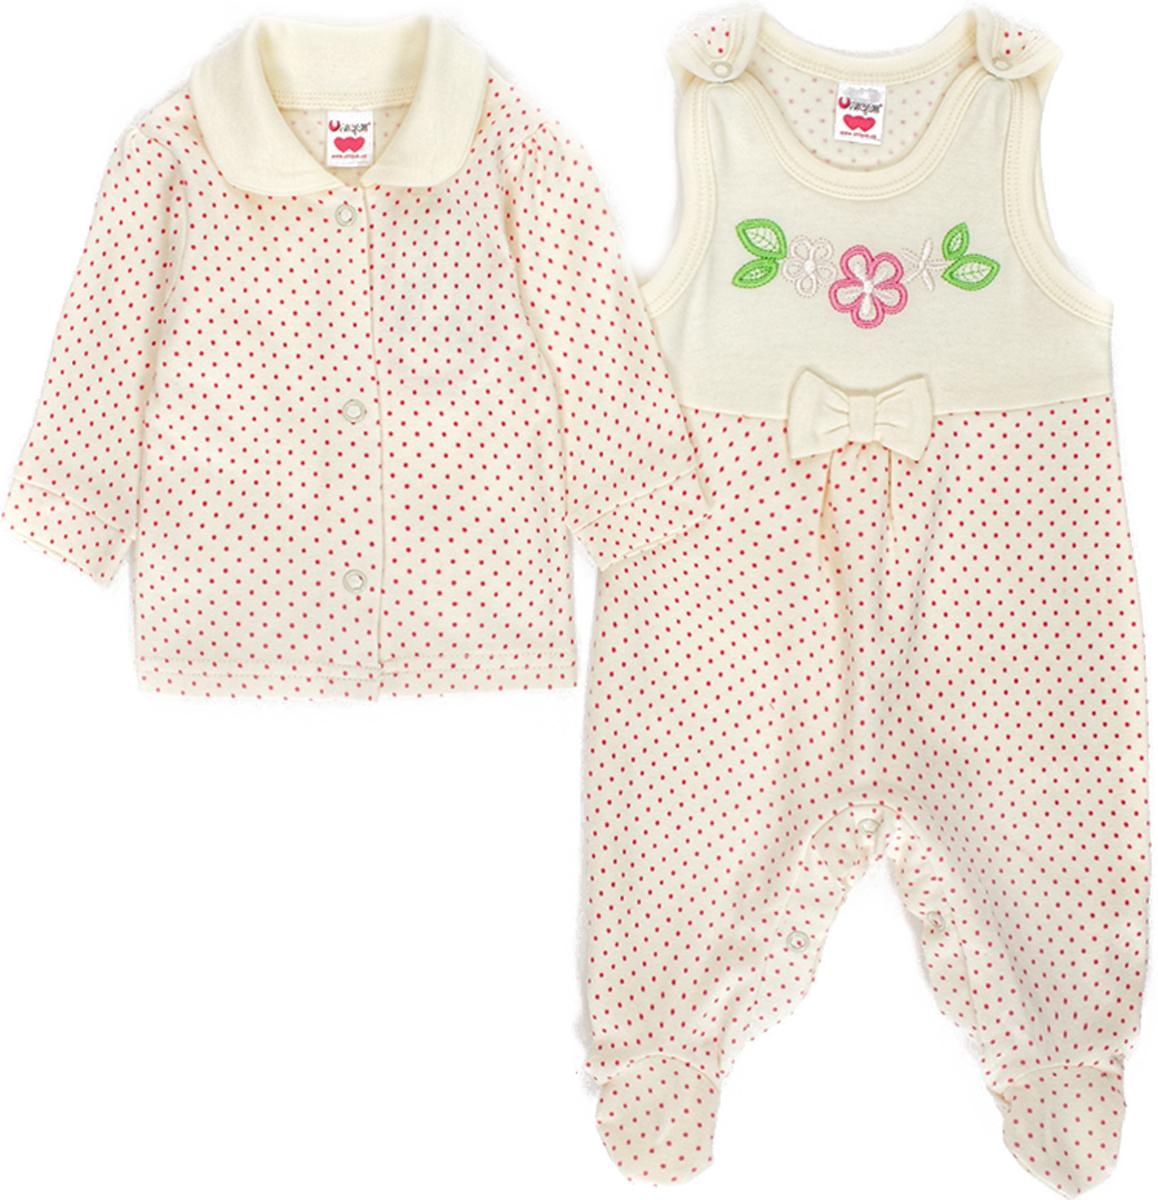 Комплект для девочки Unique: ползунки, распашонка, цвет: молочный. U004817. Размер 74